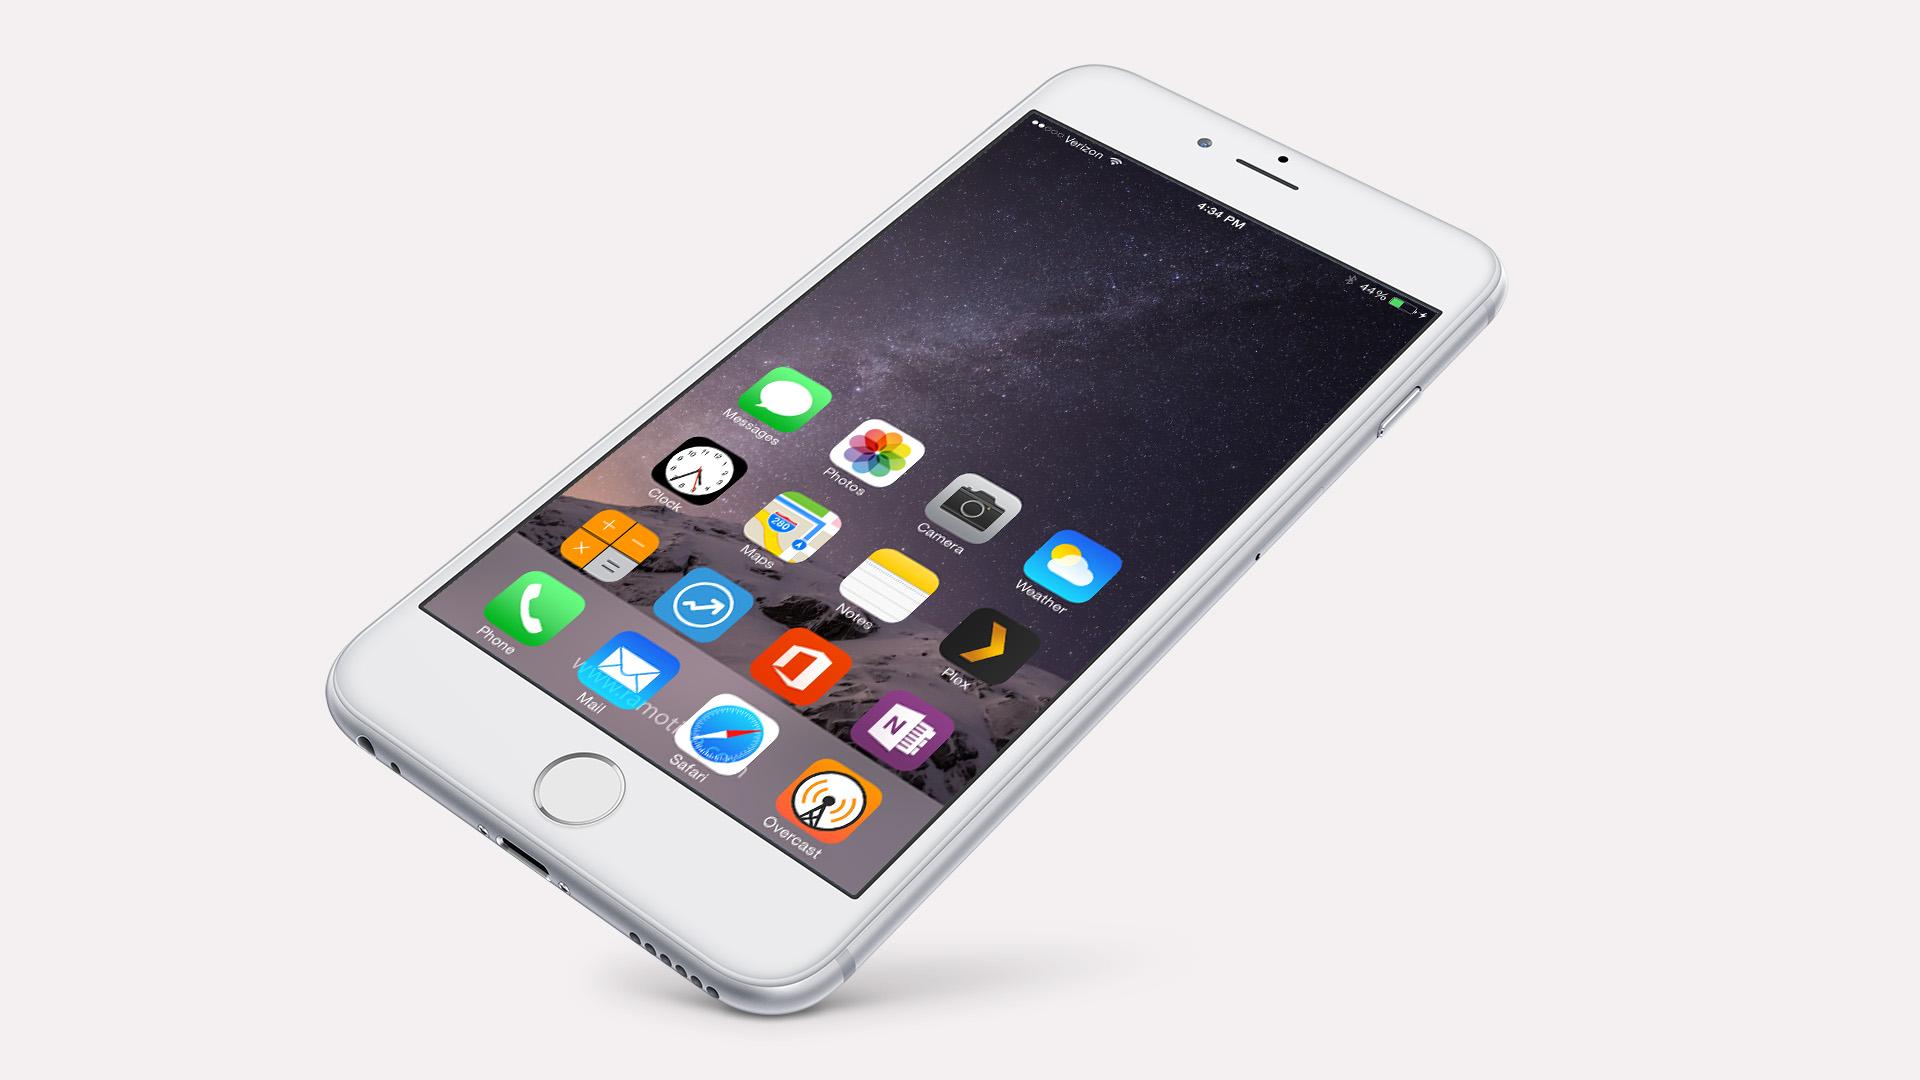 دولة عربية تبيع هاتف الأيفون 6 اس بلس iPhone S6 plus بأغلى سعر في العالم